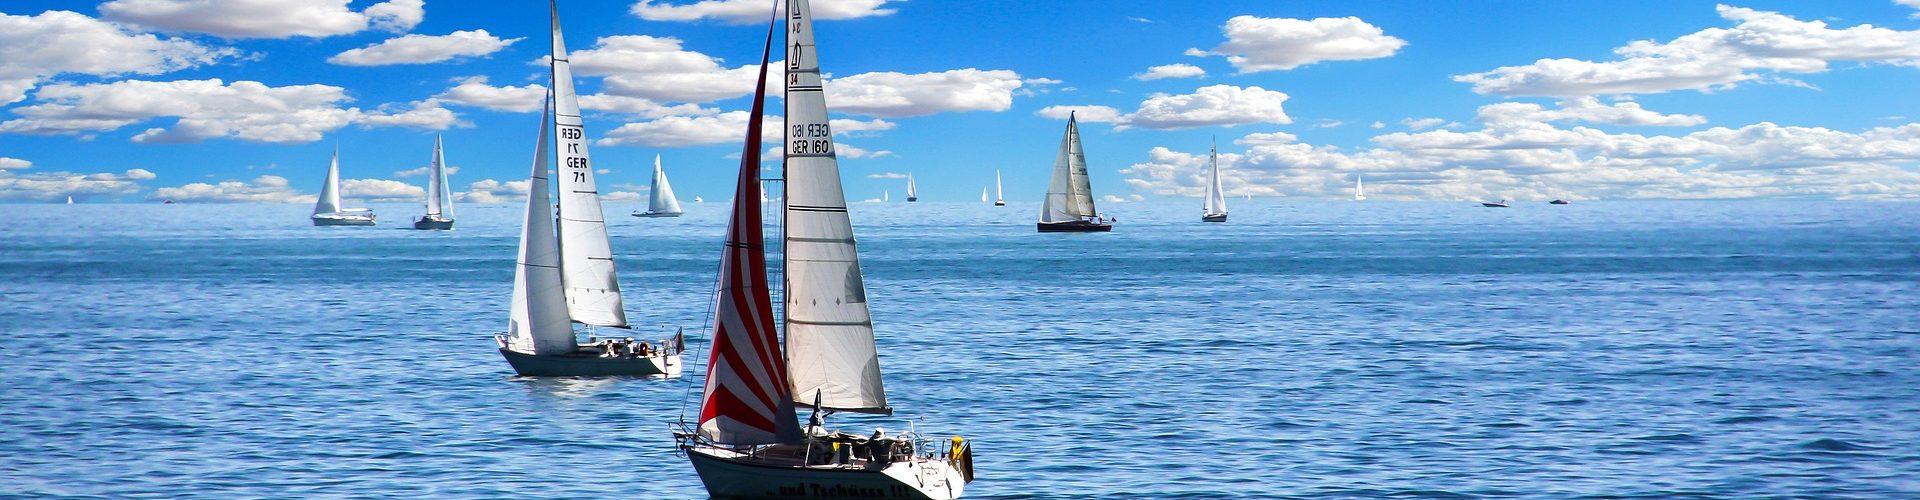 segeln lernen in Leonberg segelschein machen in Leonberg 1920x500 - Segeln lernen in Leonberg